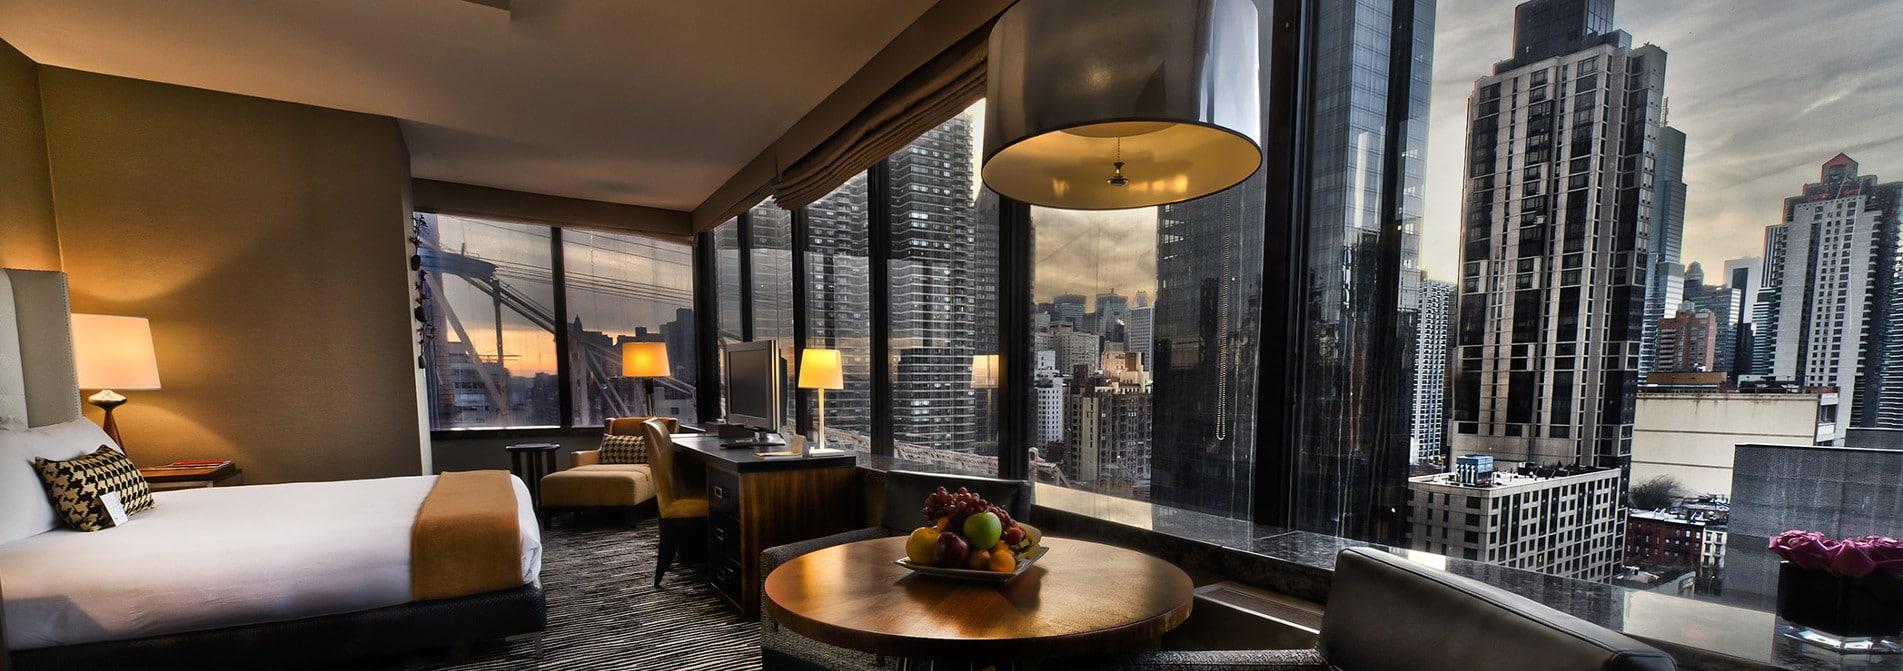 Envie de réserver cet hôtel à New York ?